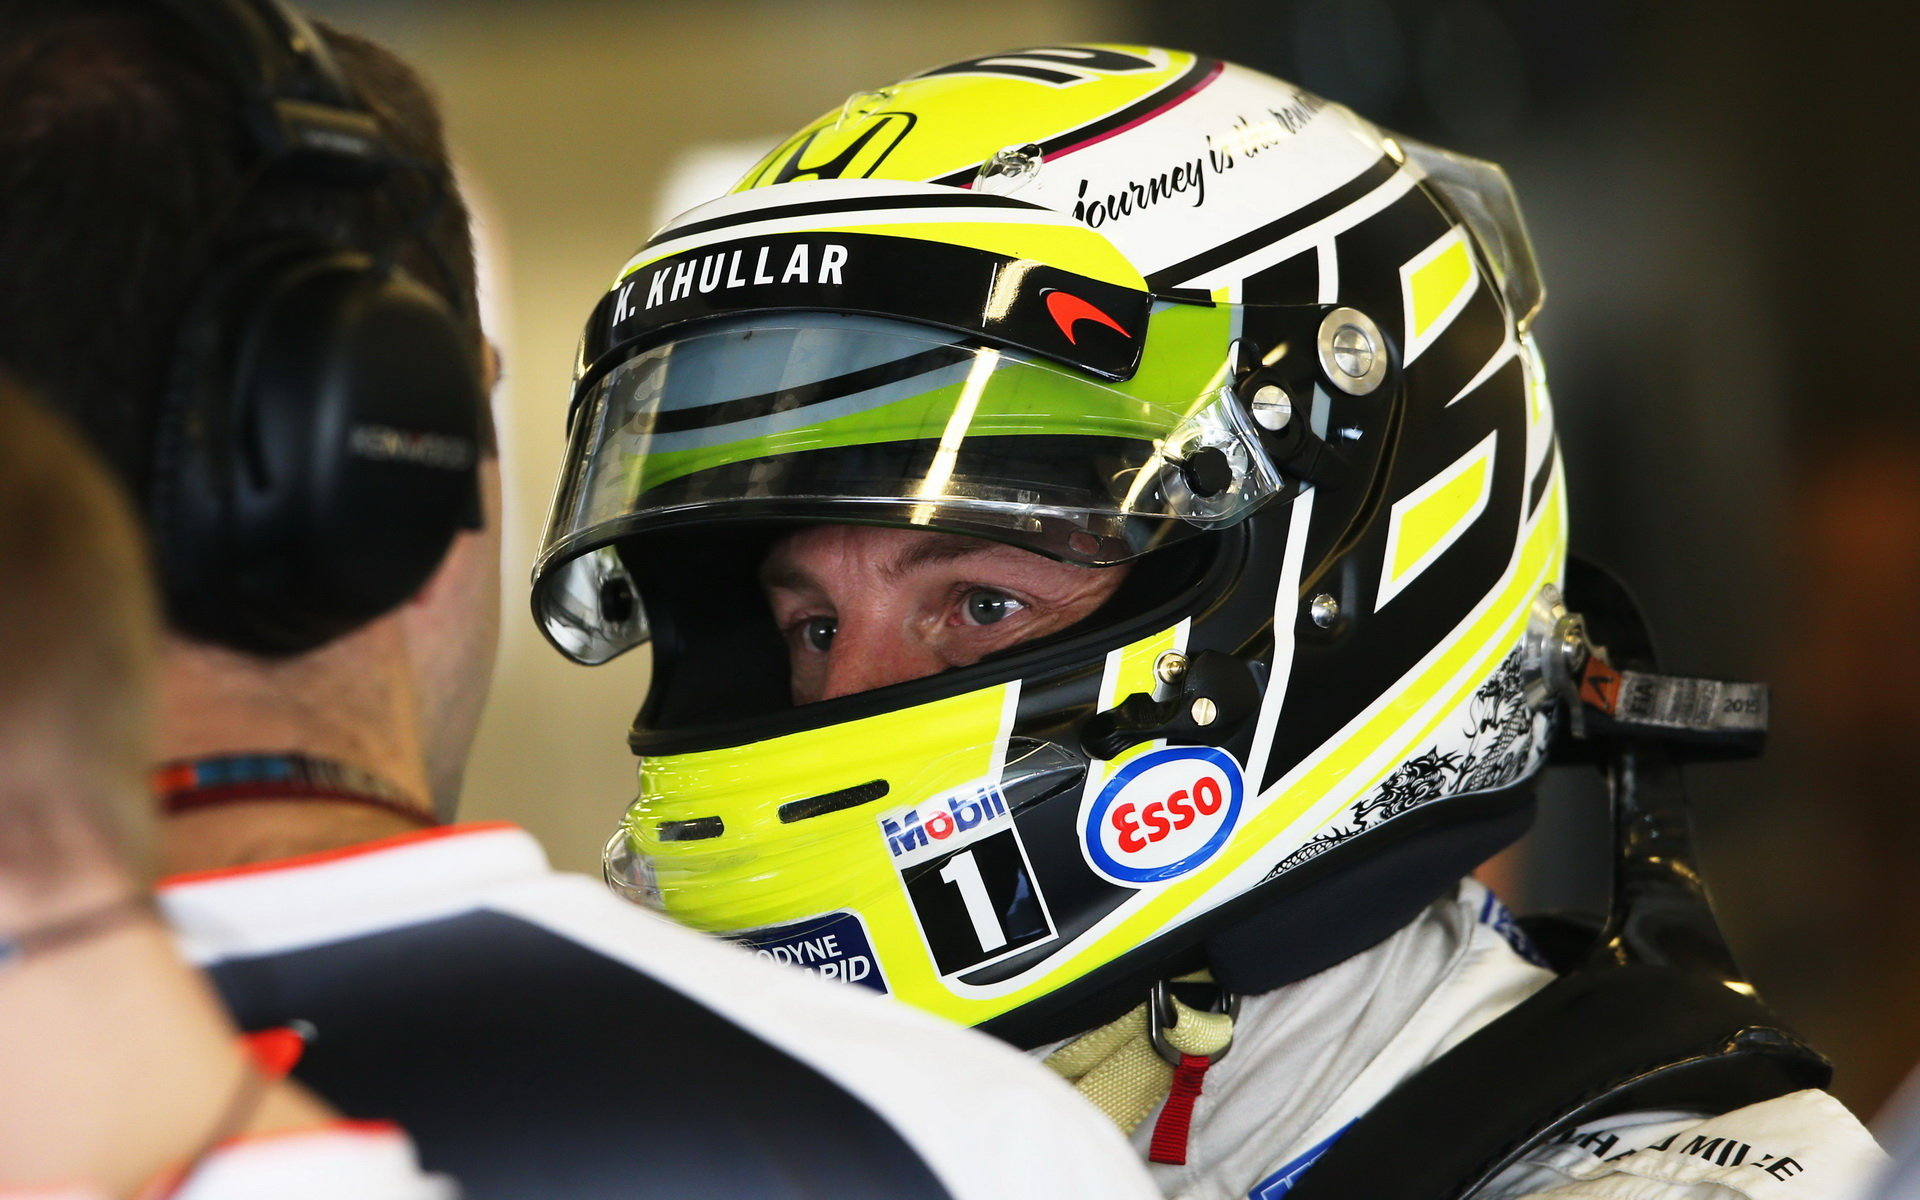 Jenson Button v přilbě, která připomínala rok 2009 - jeho mistrovský